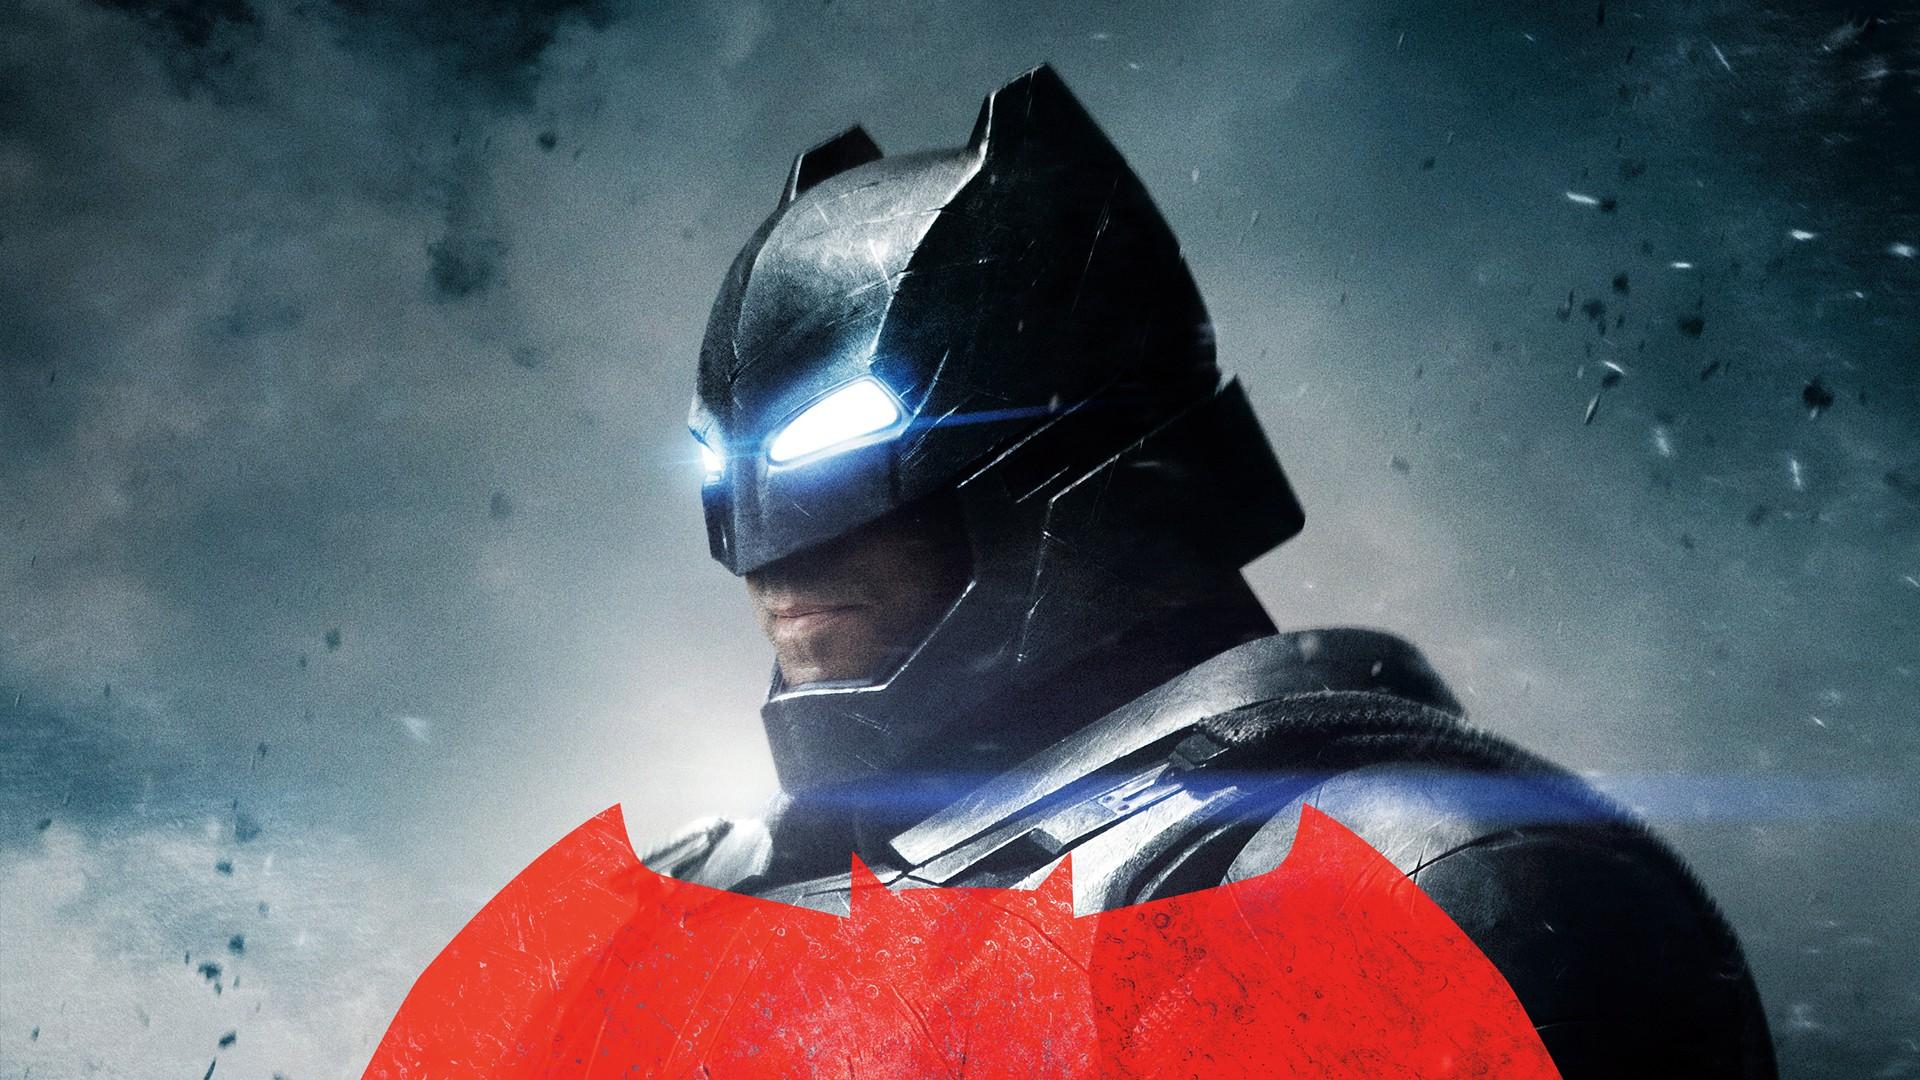 Batman VS Superman HD Images   New HD Wallpapers 1920x1080